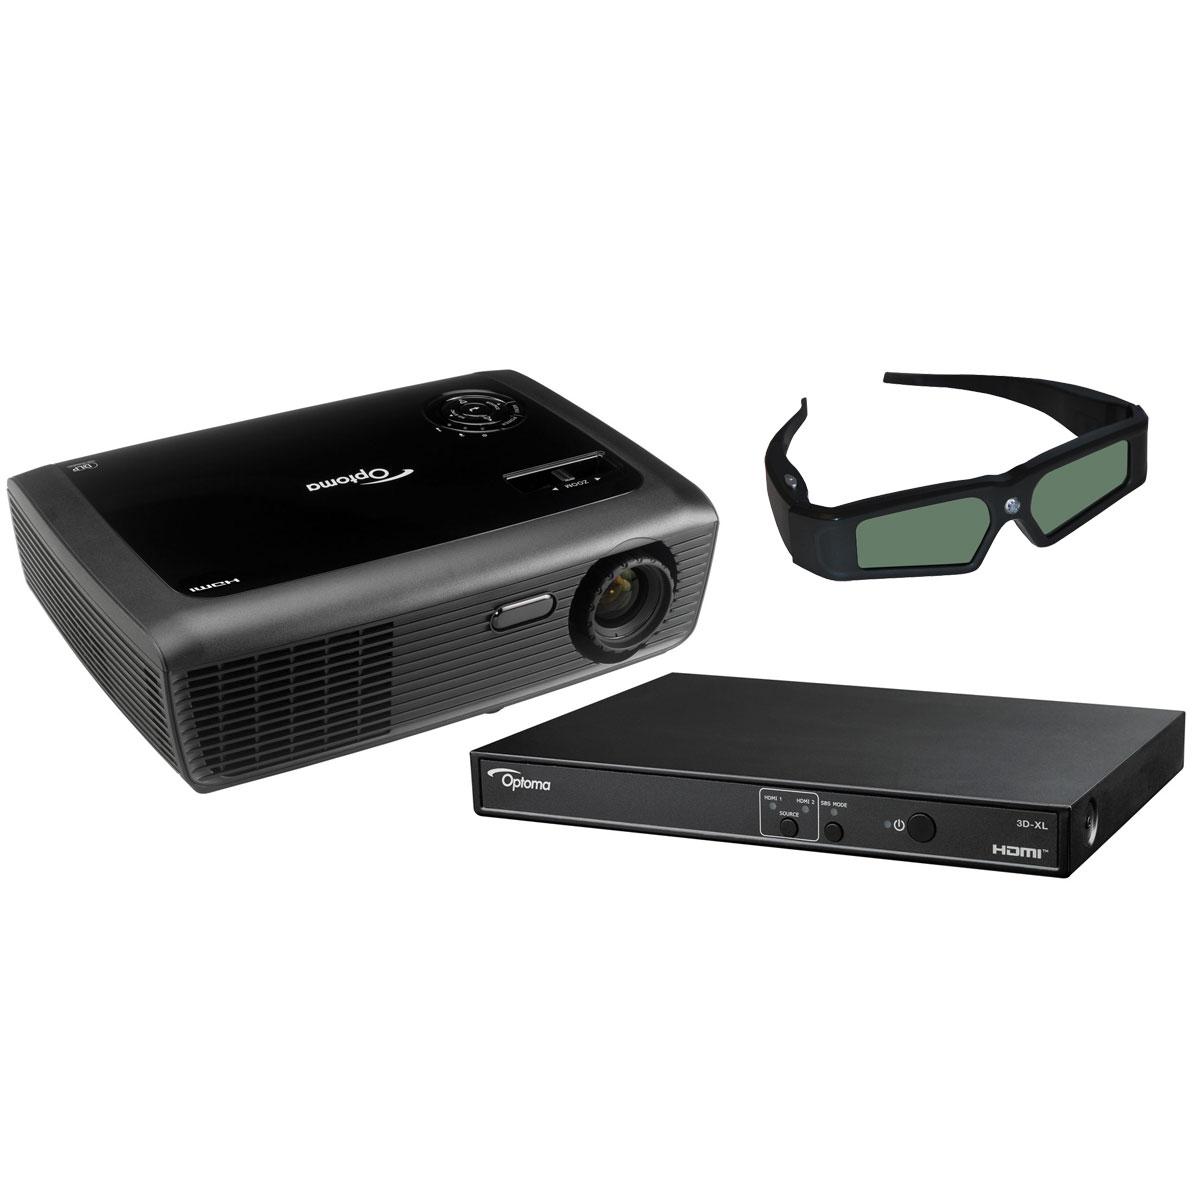 Vidéoprojecteur Optoma DH7-XL Vidéoprojecteur DLP WXGA 3D Ready 2500 Lumens + Boîtier adaptateur 3D + Lunettes 3D